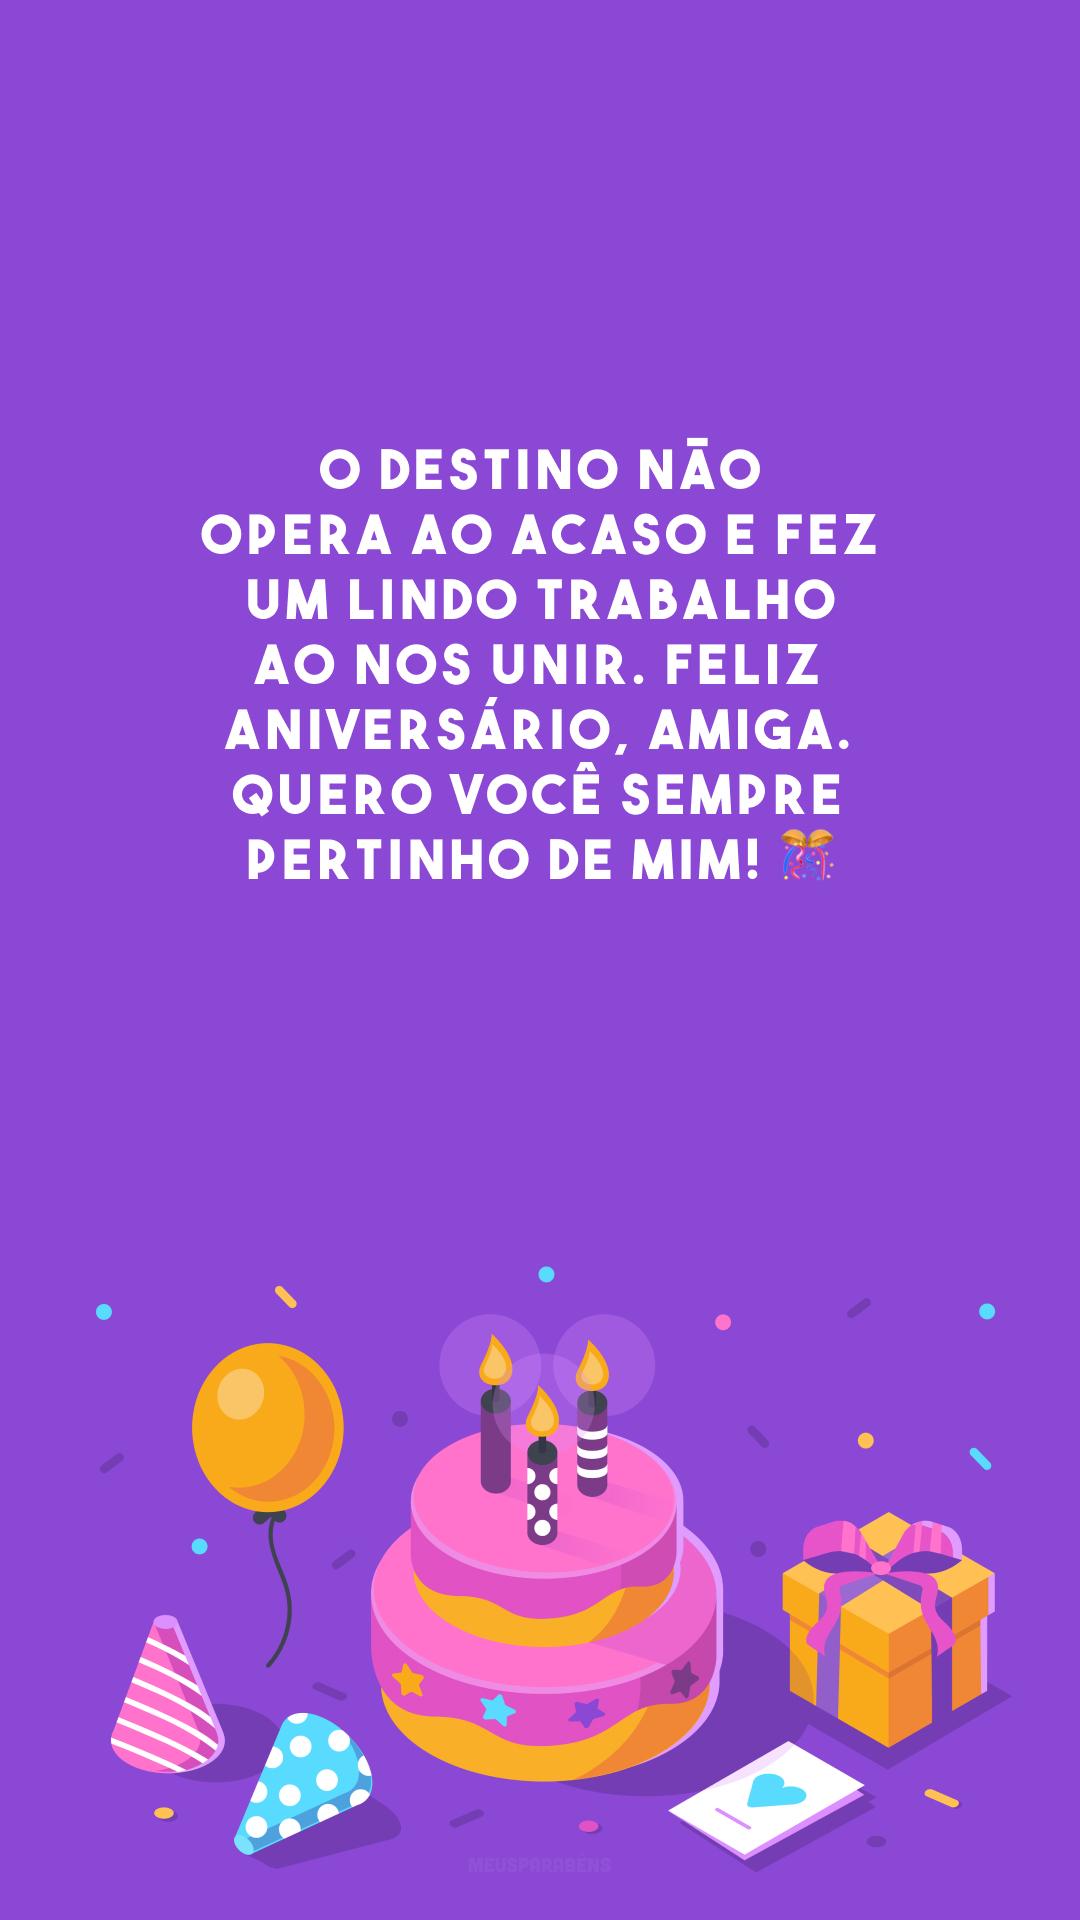 O destino não opera ao acaso e fez um lindo trabalho ao nos unir. Feliz aniversário, amiga. Quero você sempre pertinho de mim! 🎊